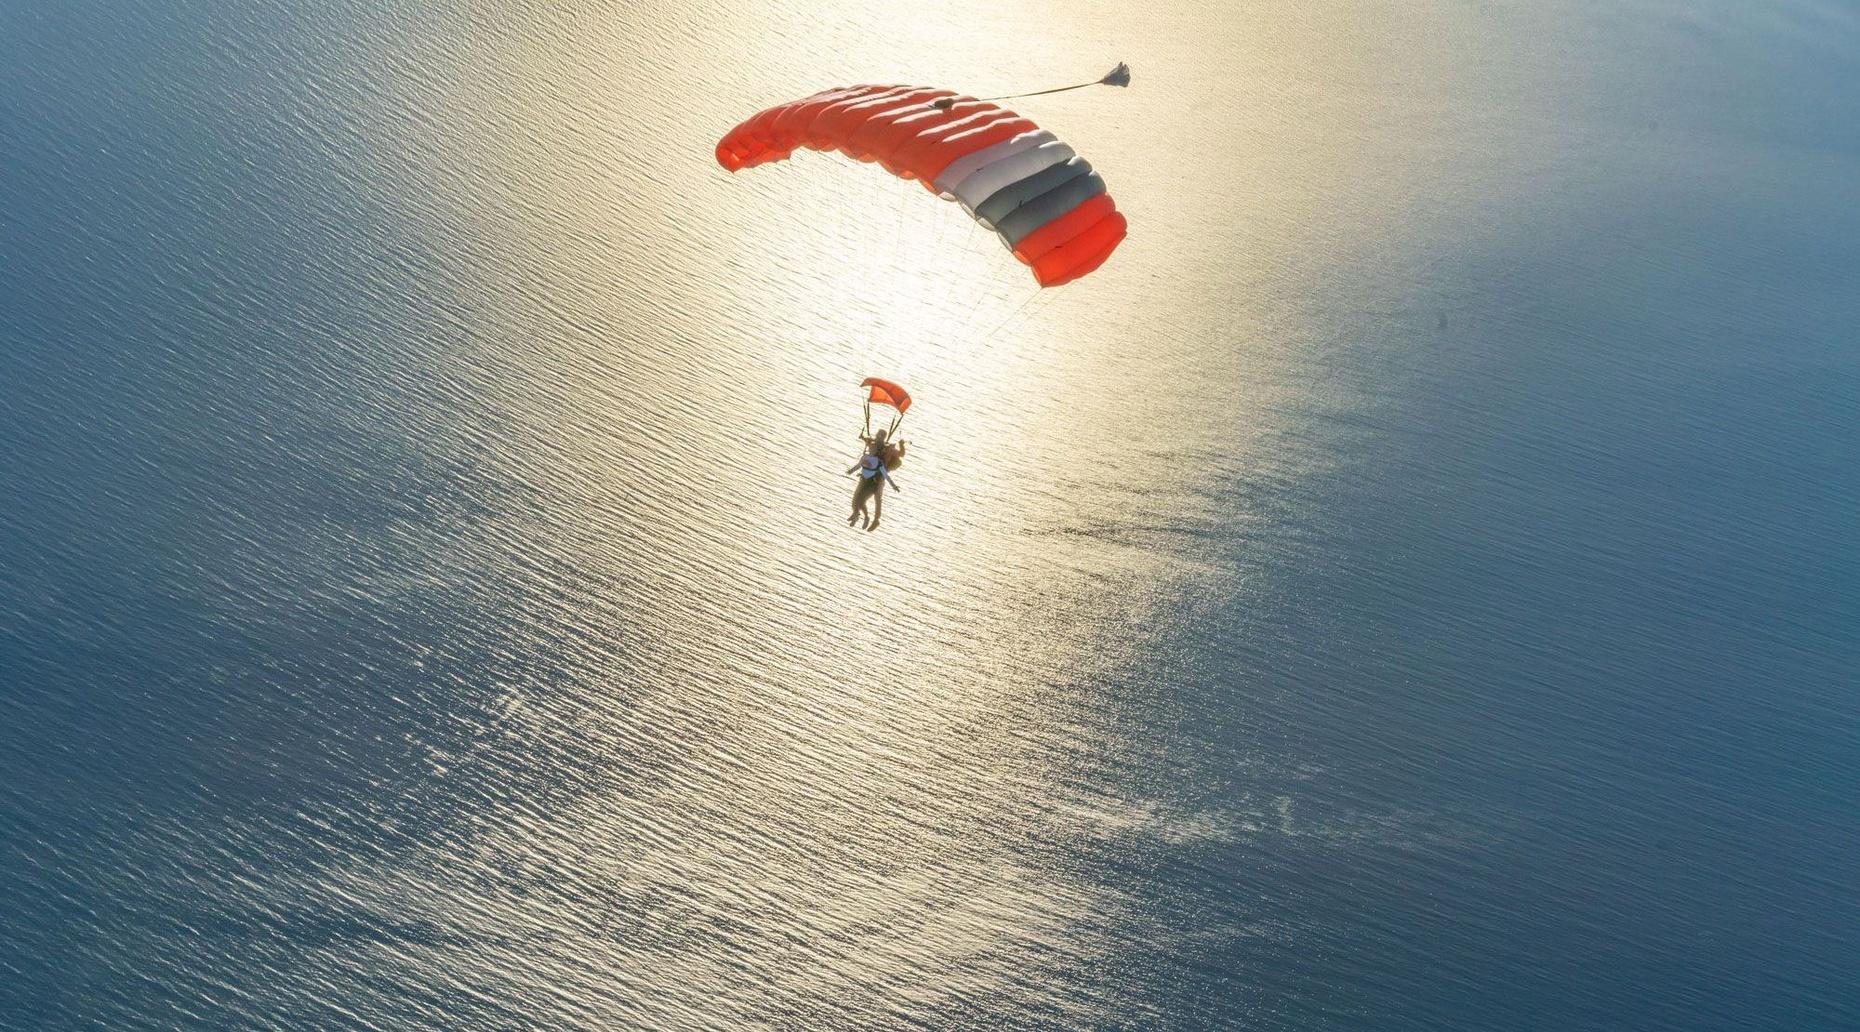 Tandem Skydiving in Santa Cruz